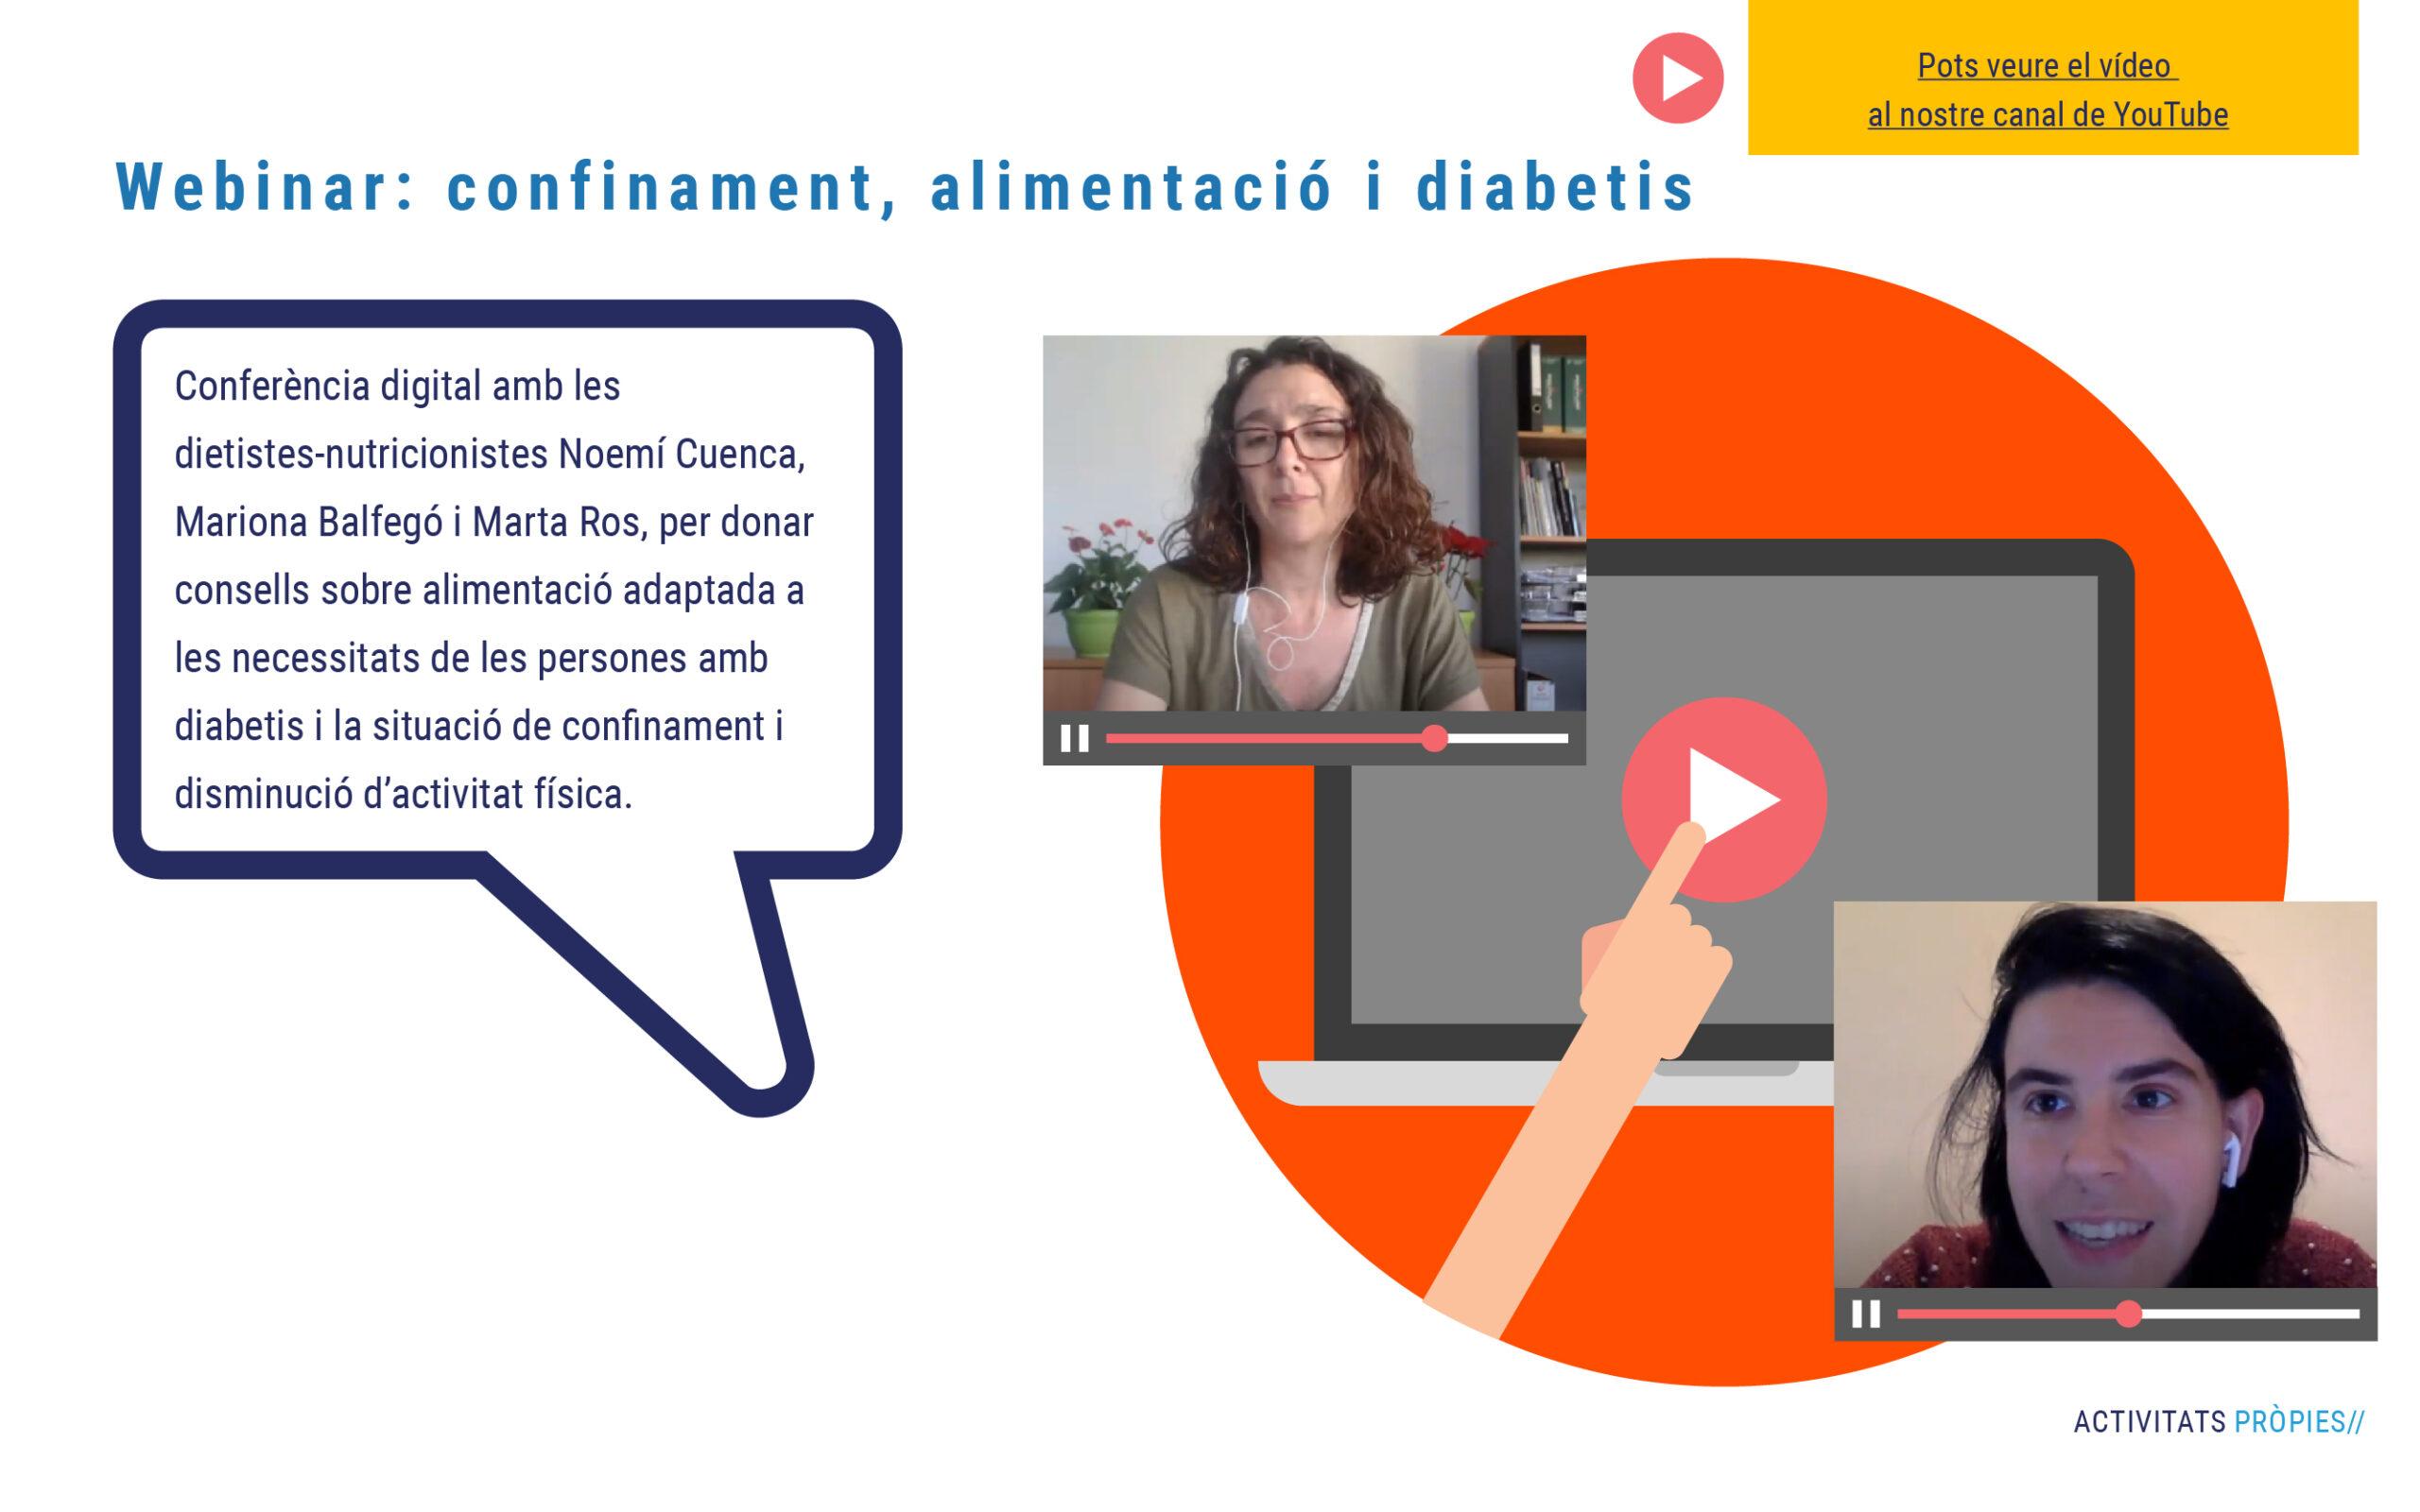 Confinament, alimentació i diabetis